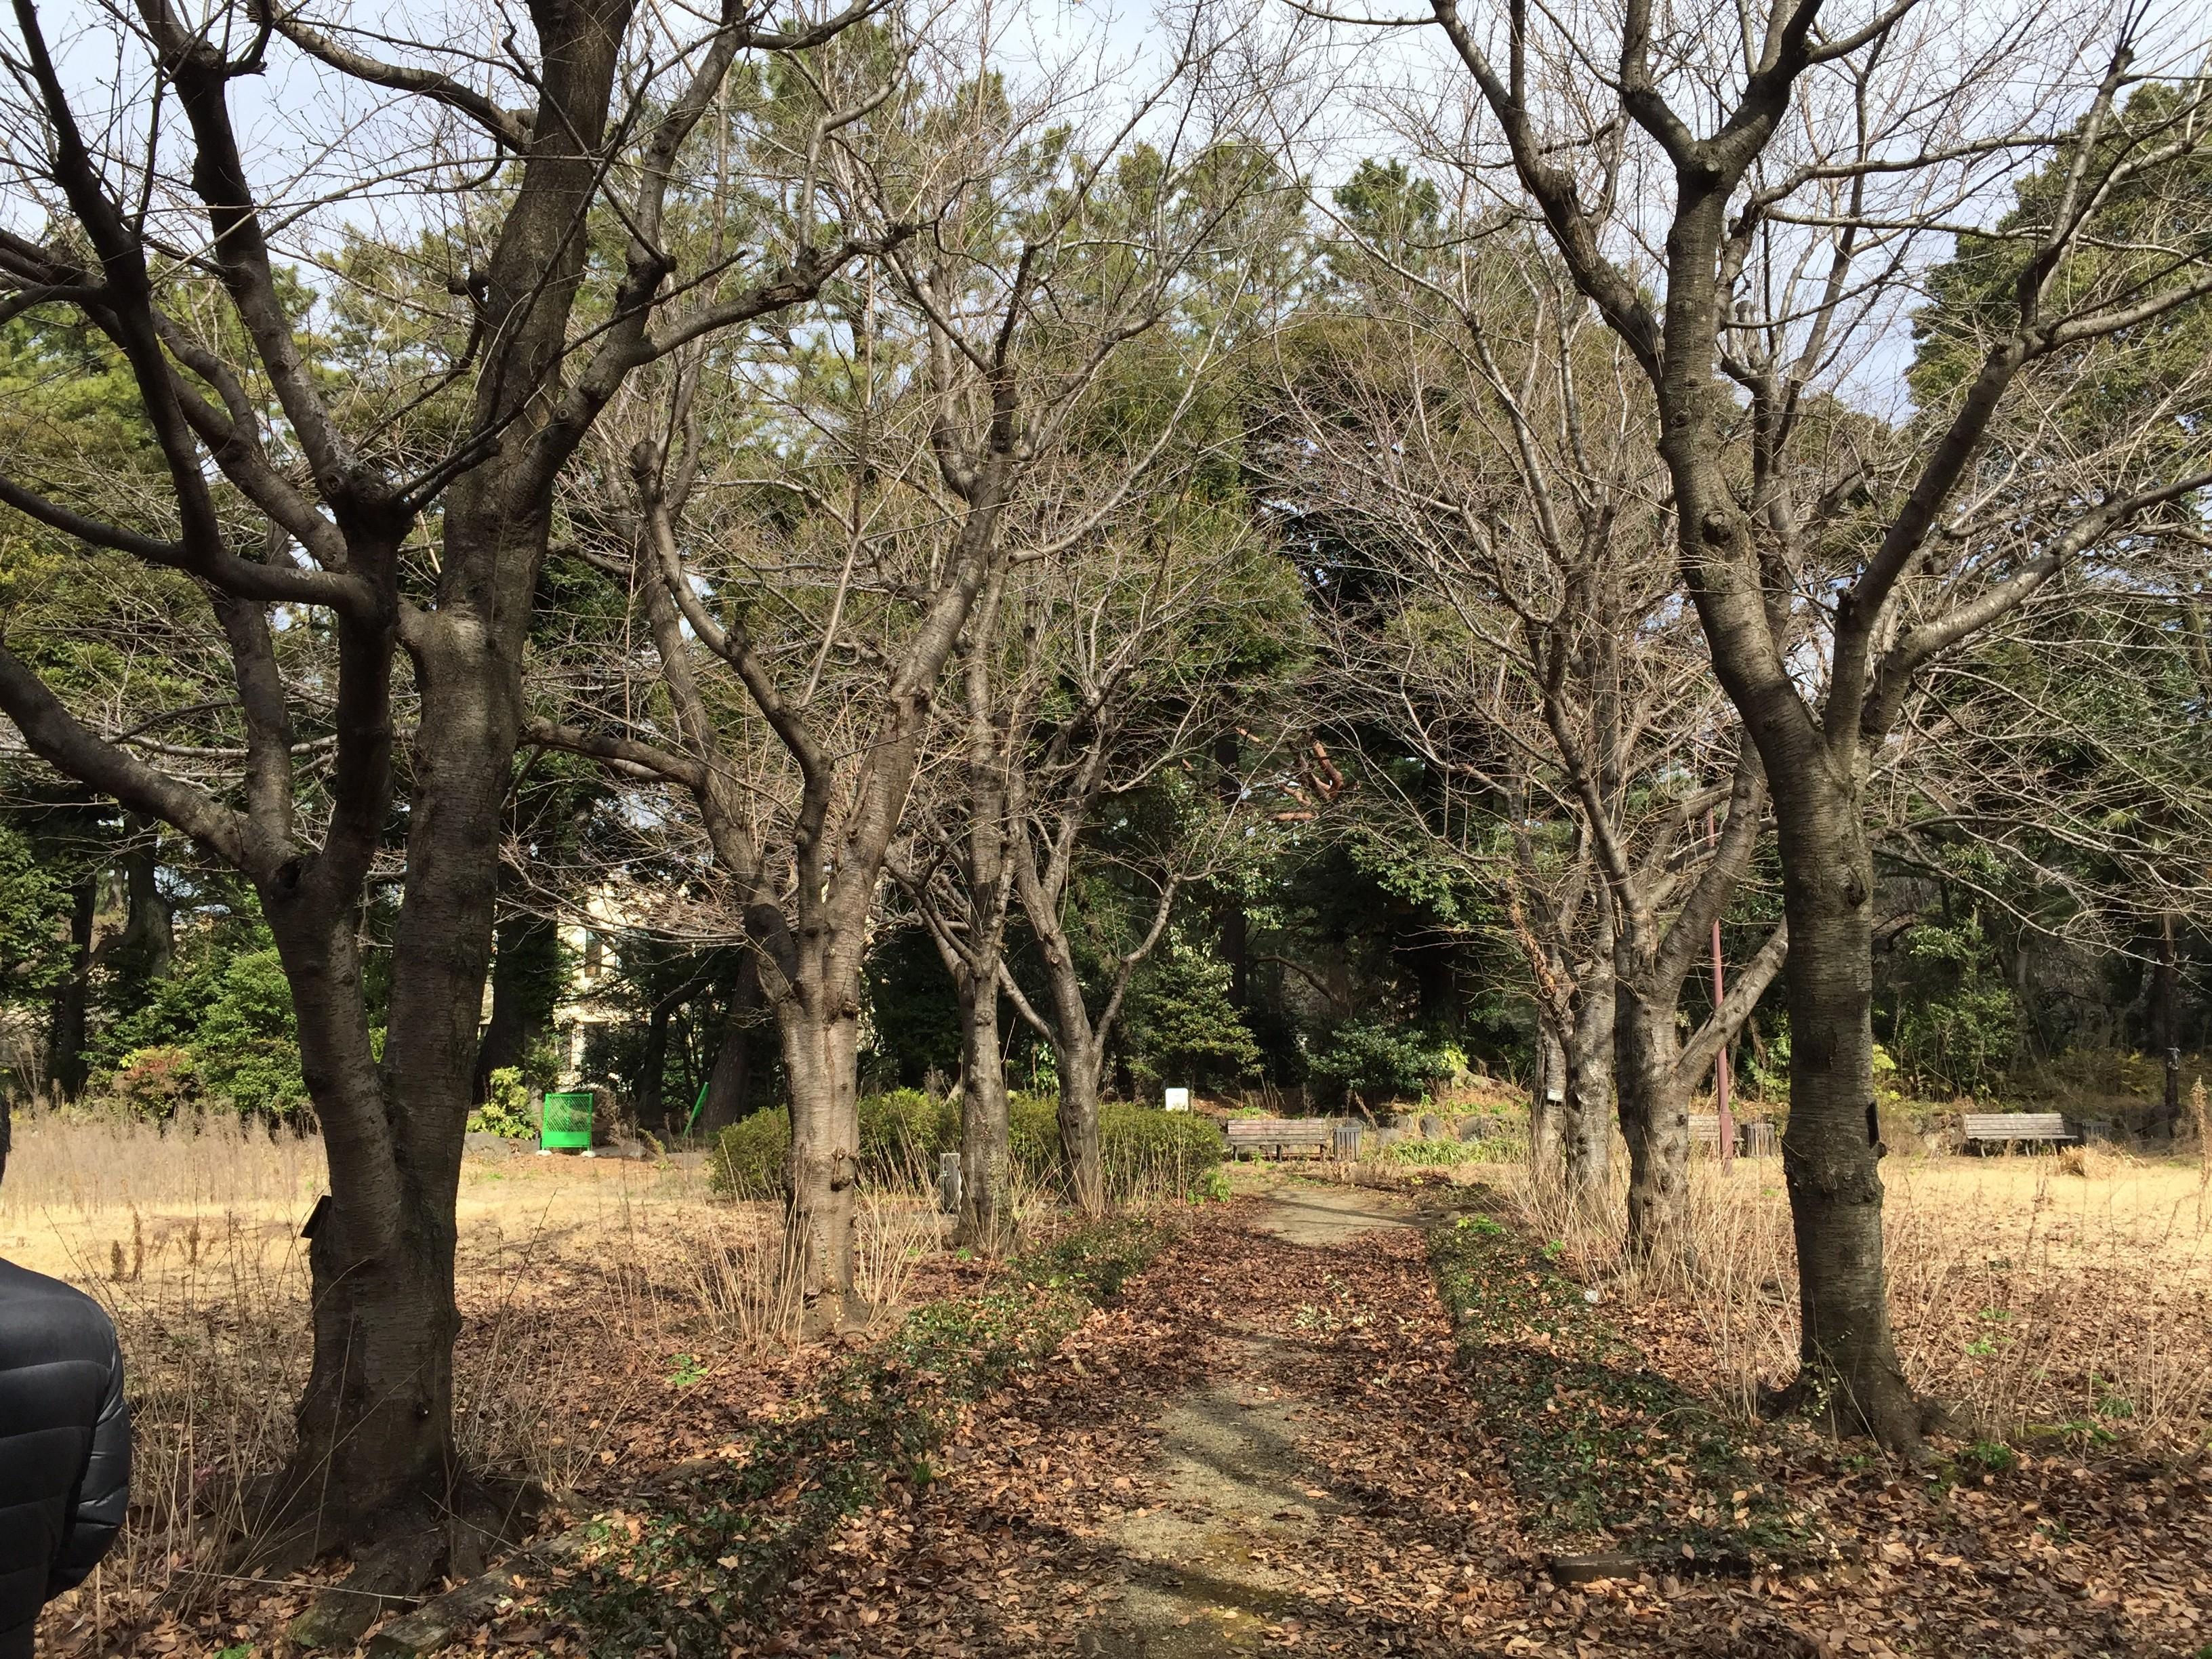 ソメイヨシノの挿し木